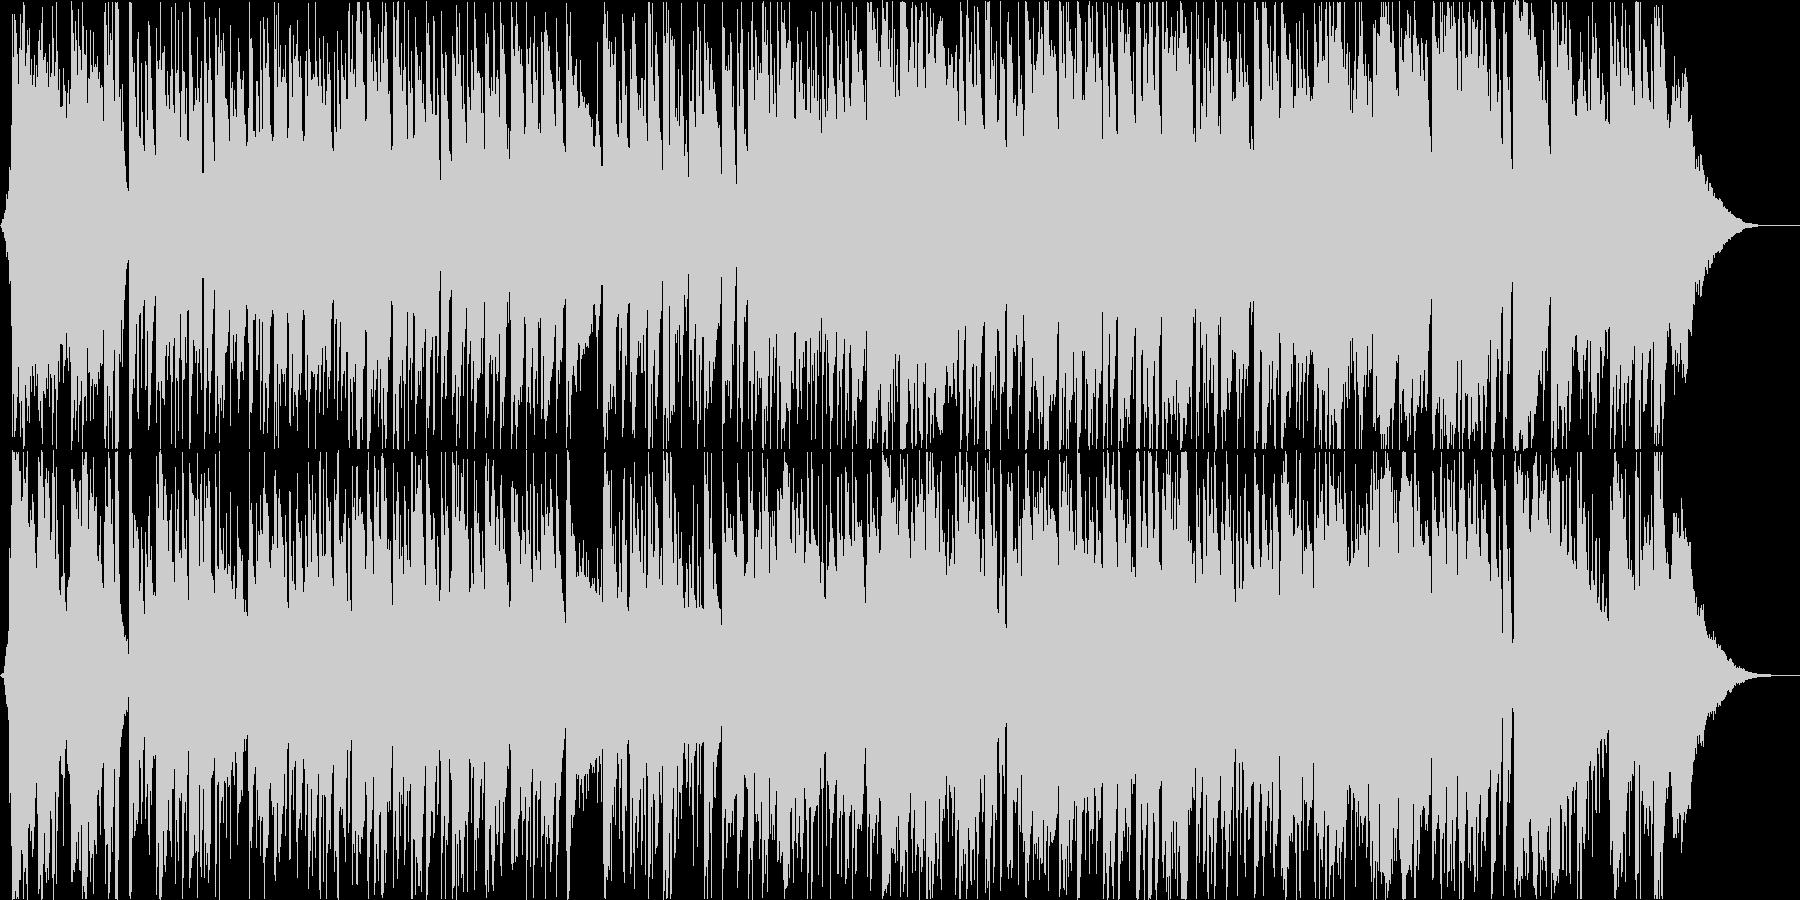 エレガントな雰囲気のボッサポップインストの未再生の波形